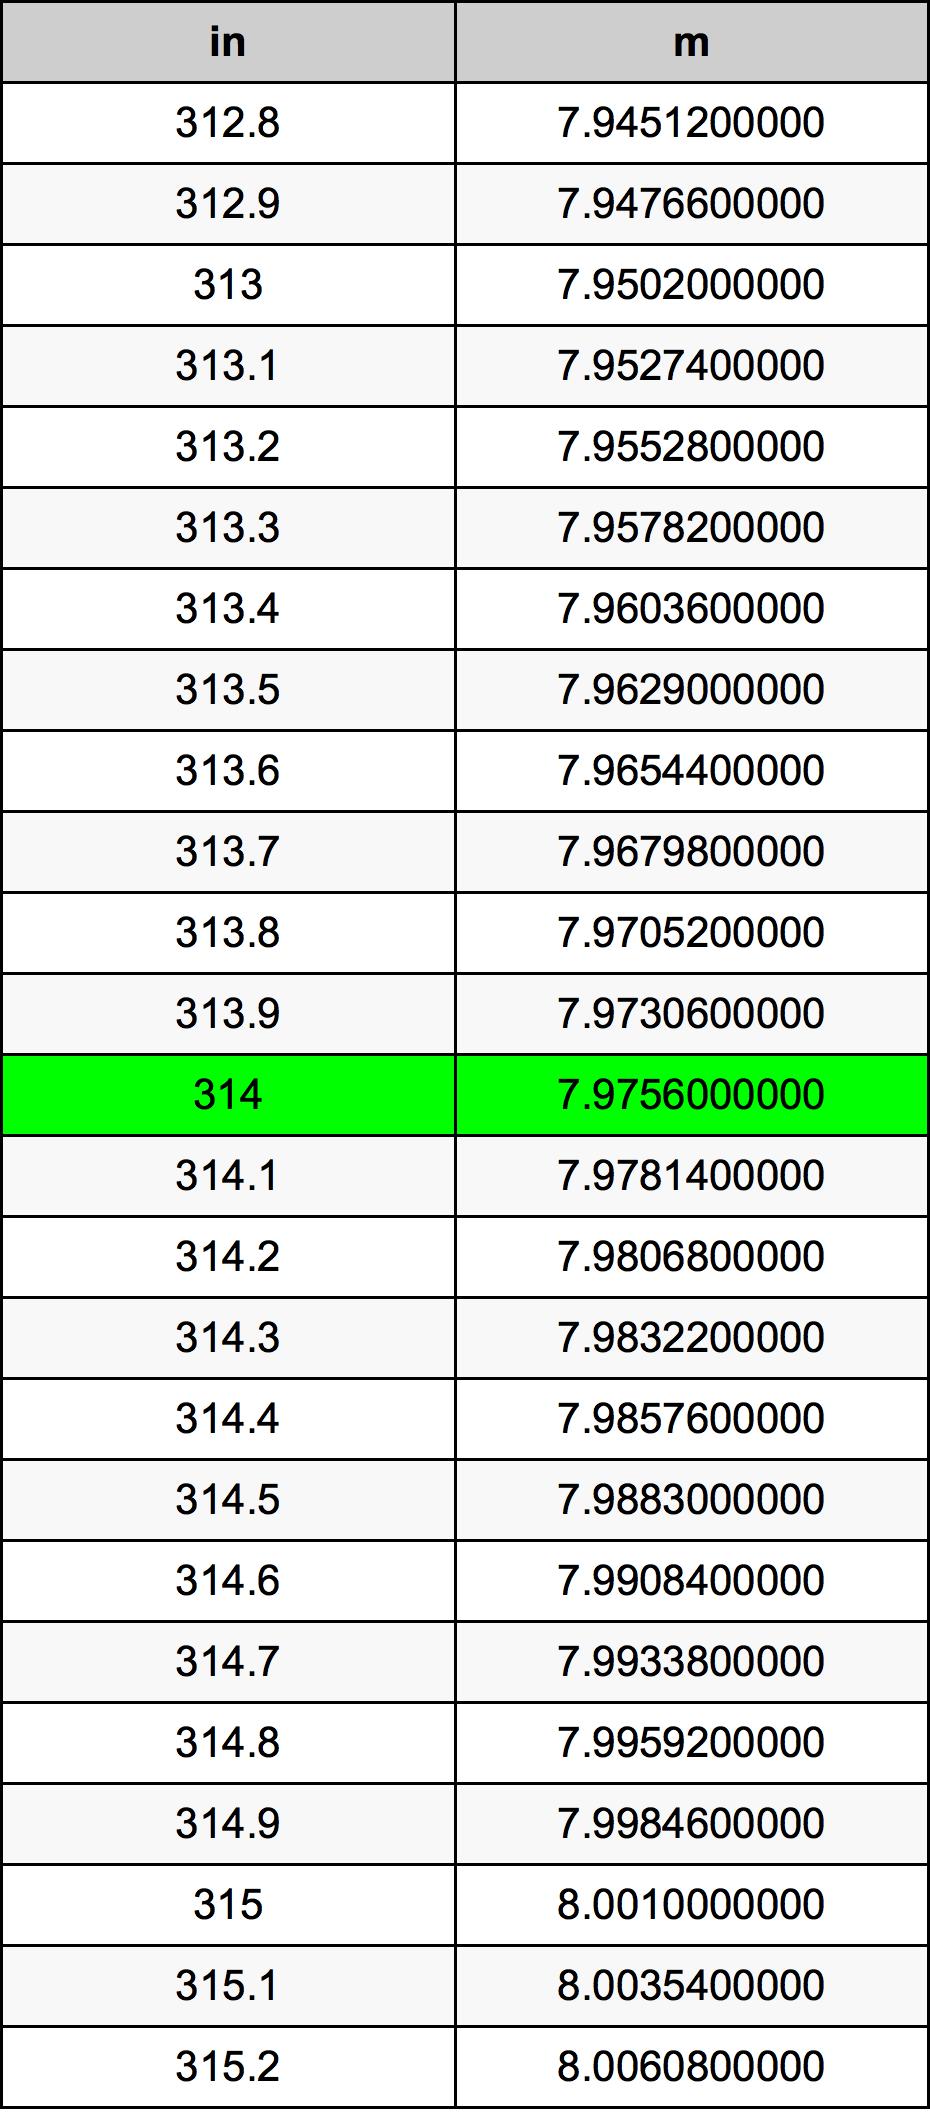 314 дюйм Таблиця перетворення